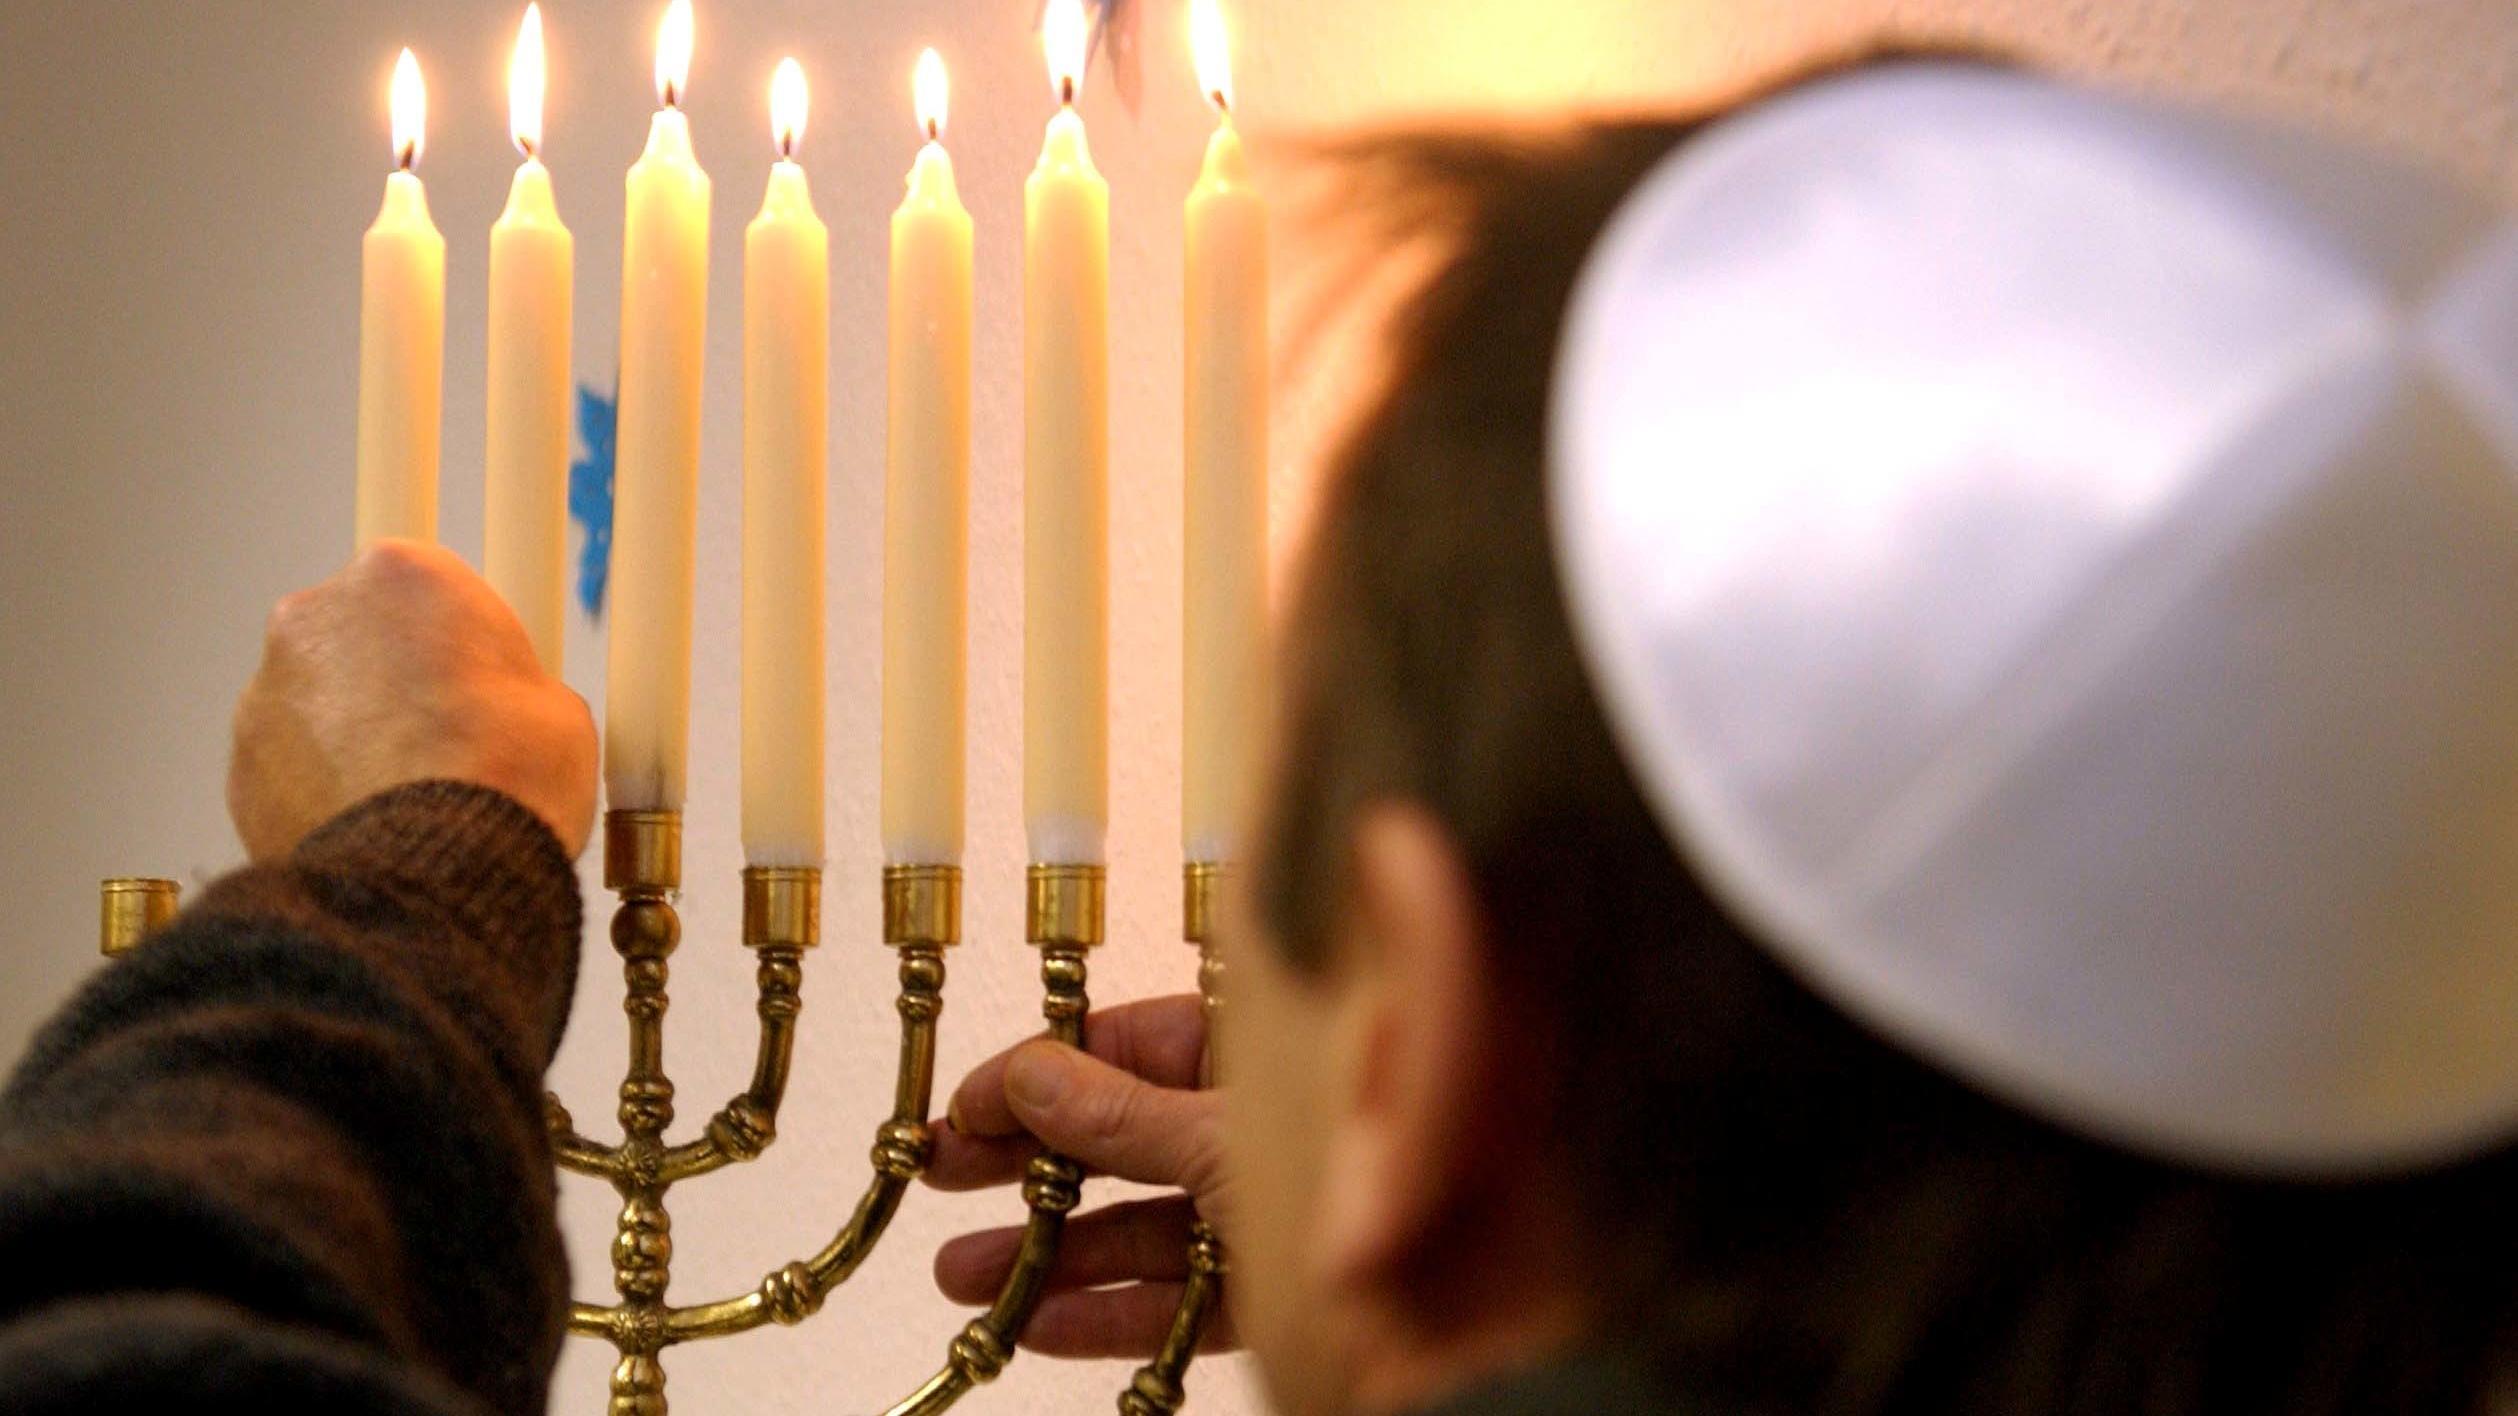 Mitglied einer Jüdischen Gemeinde entzündet die Kerzen auf einem Chanukka-Leuchter